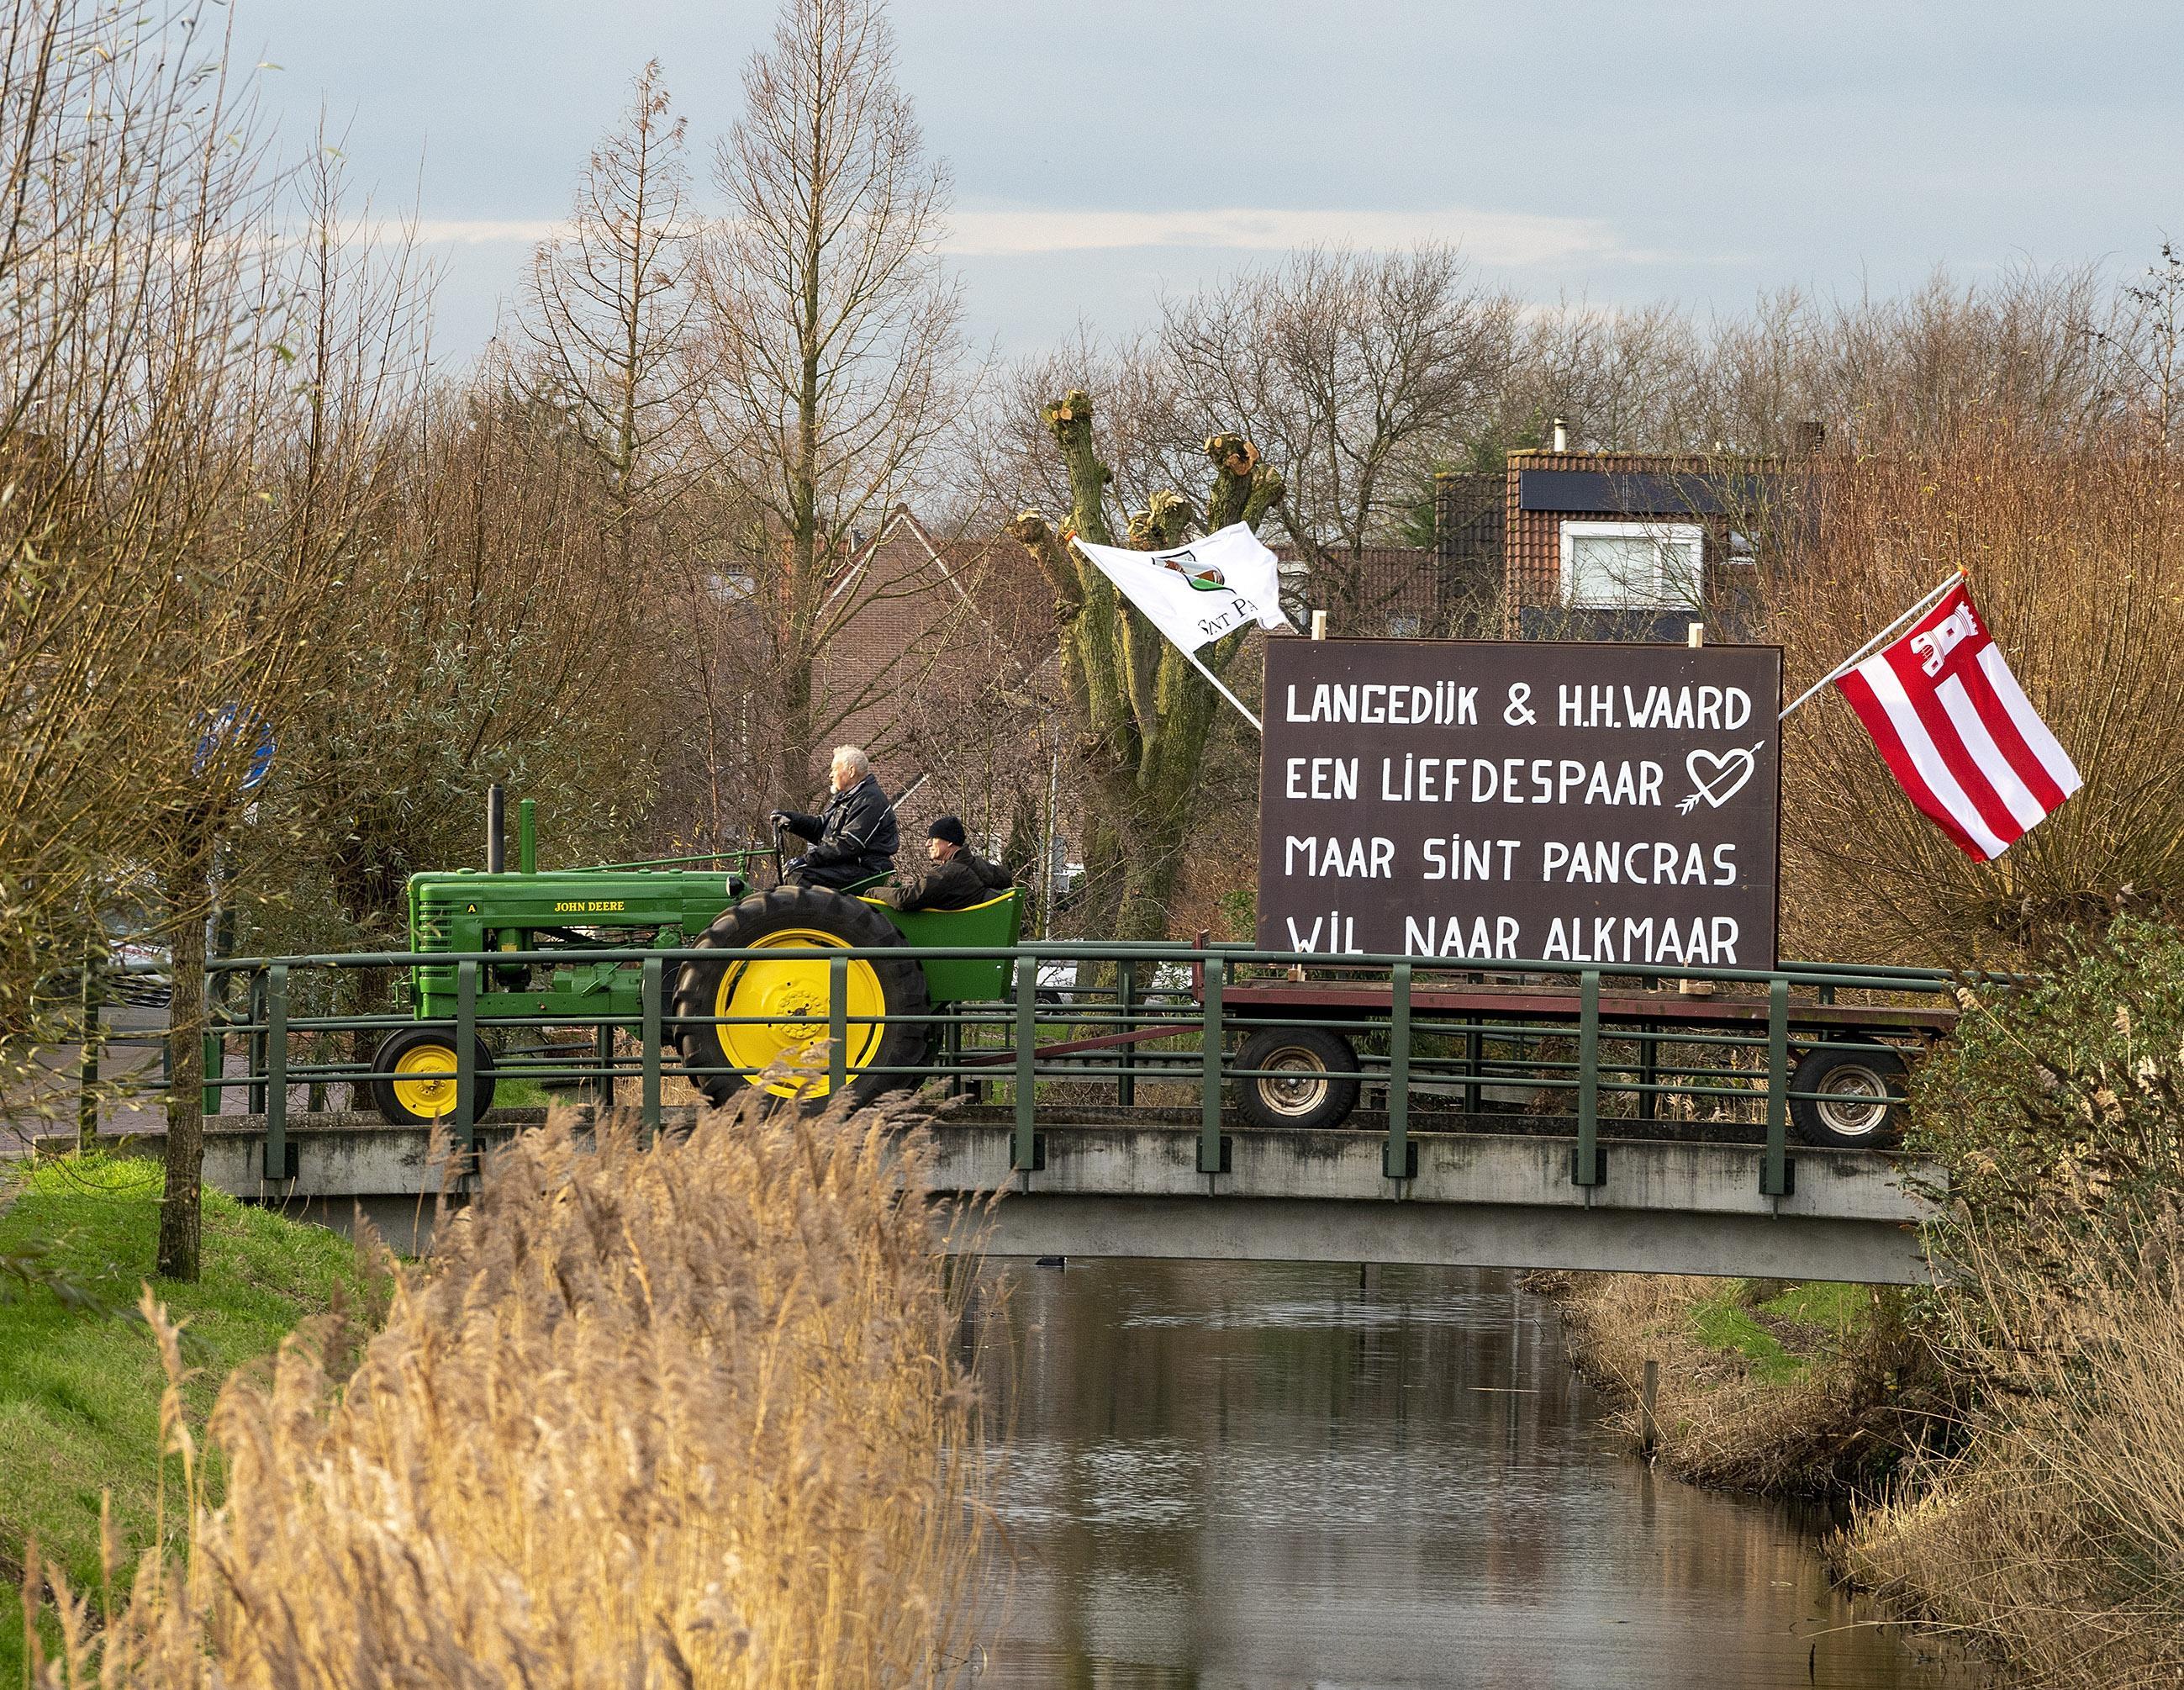 Uur U voor fusie tussen Langedijk en Heerhugowaard, deze week heeft de Tweede Kamer een hoorzitting. Maar waarom? En waar zitten we in het fusieproces? Vijf vragen en antwoorden